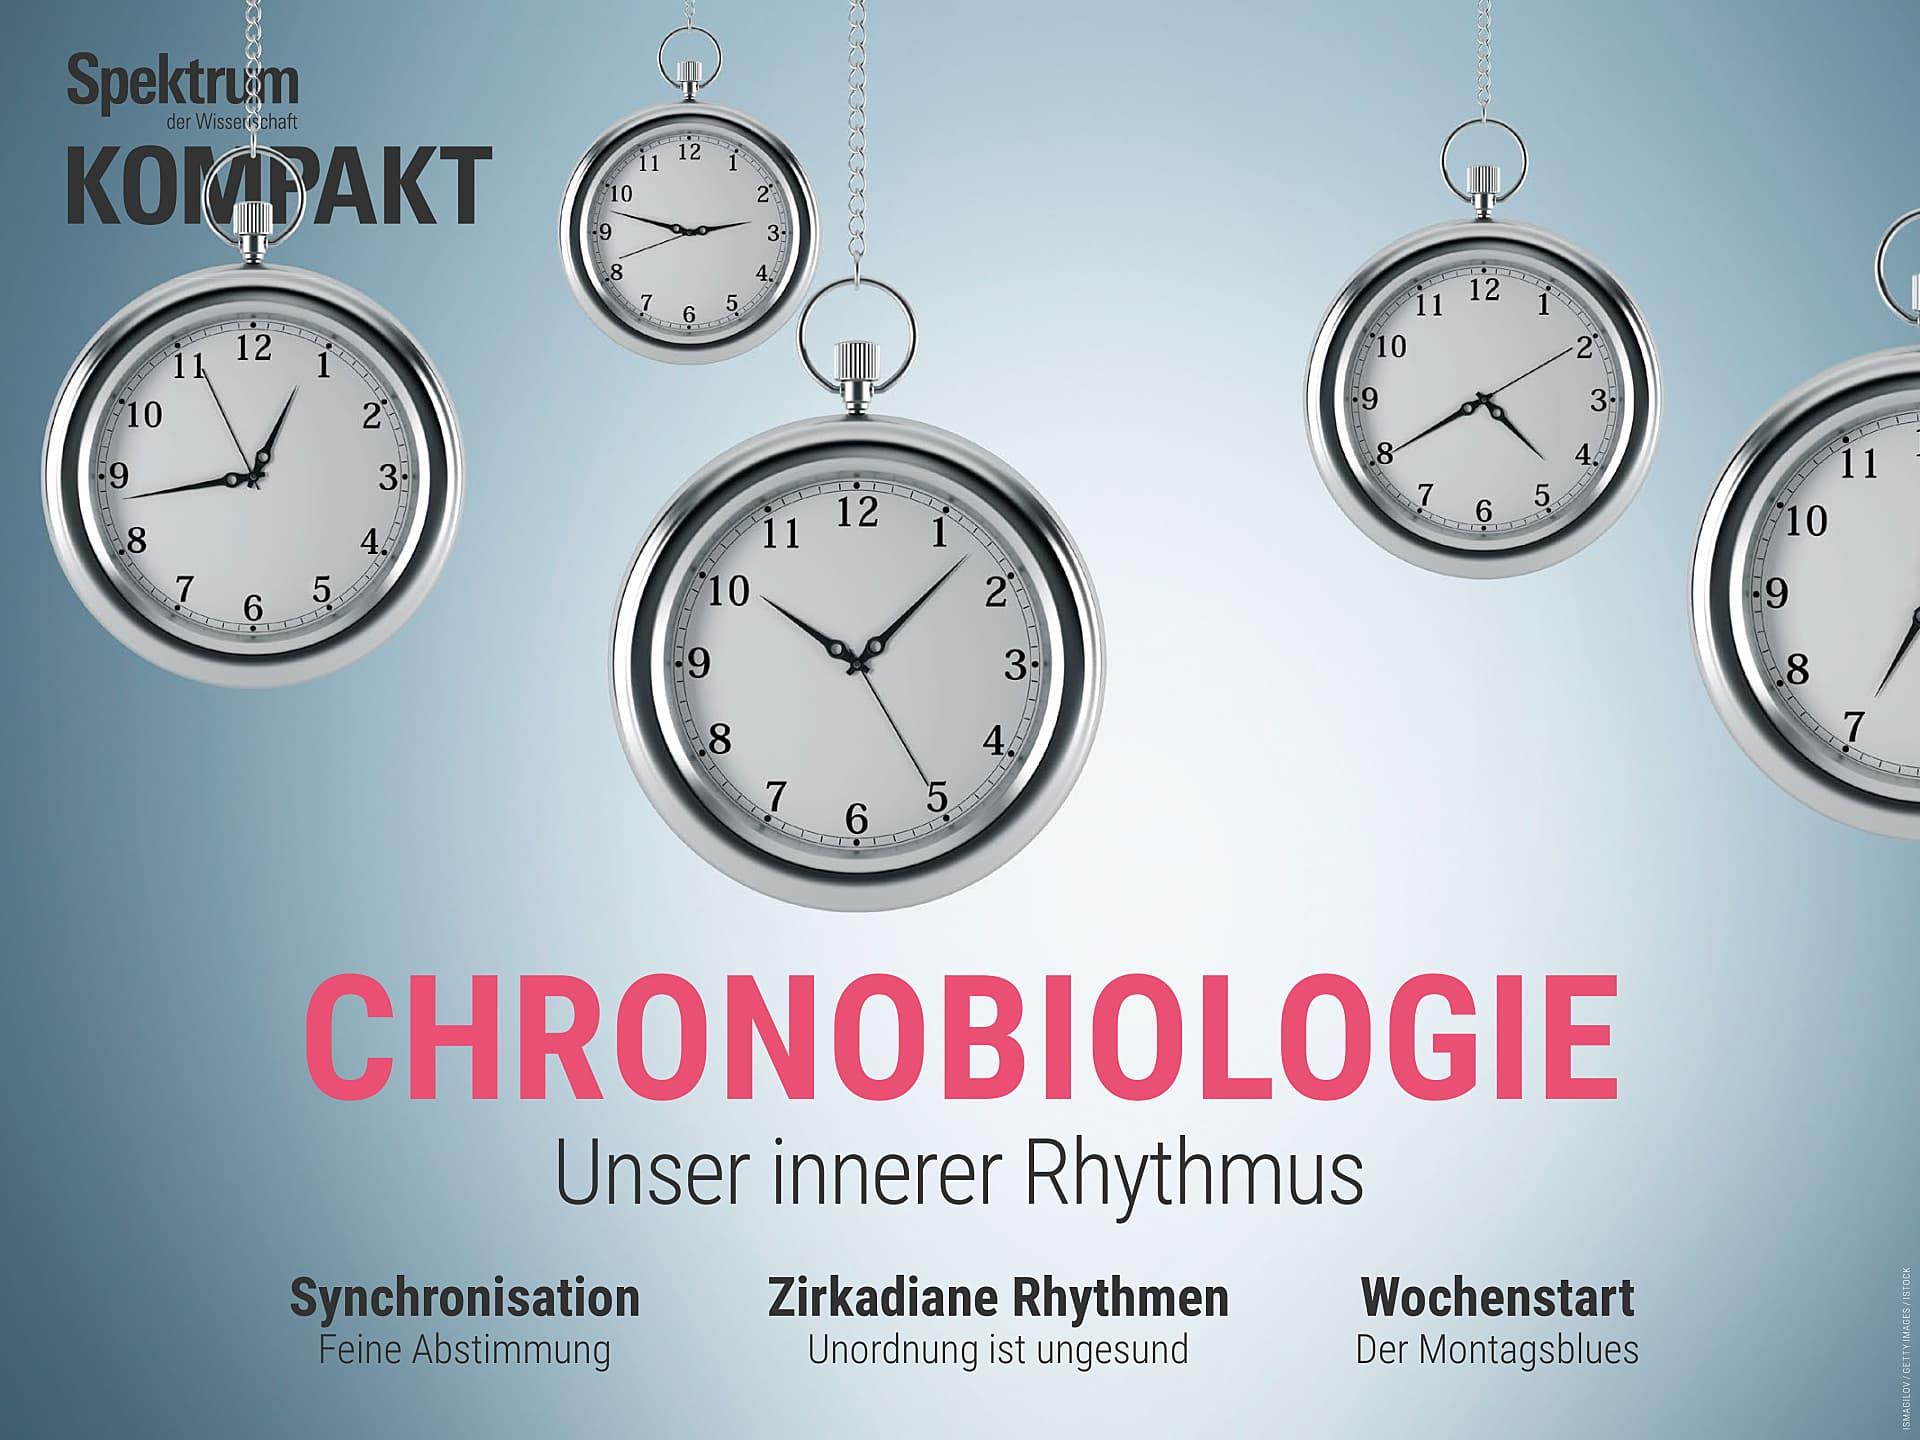 Chronobiologie - Unser innerer Rhythmus